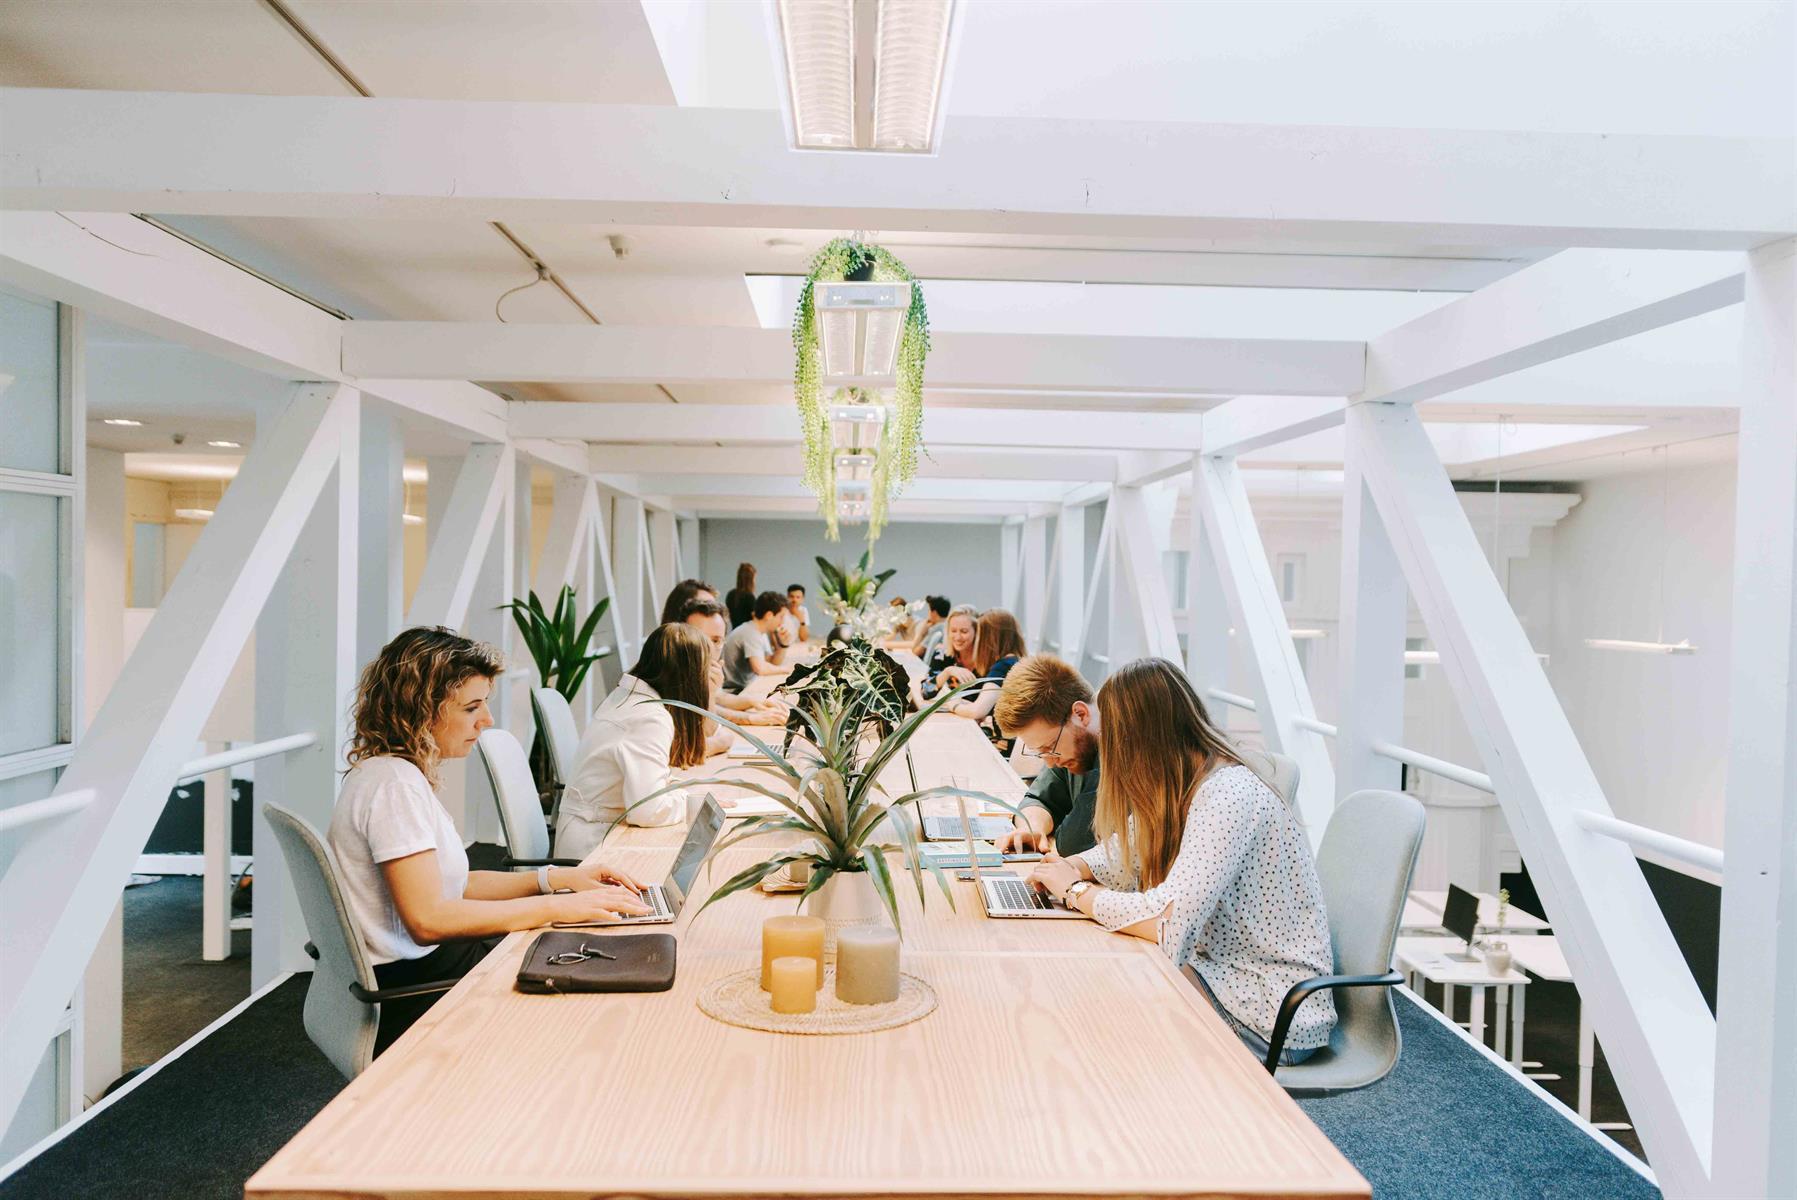 kantoor te huur I175 - IJzerenpoortkaai 3, 2000 Antwerpen, België 2